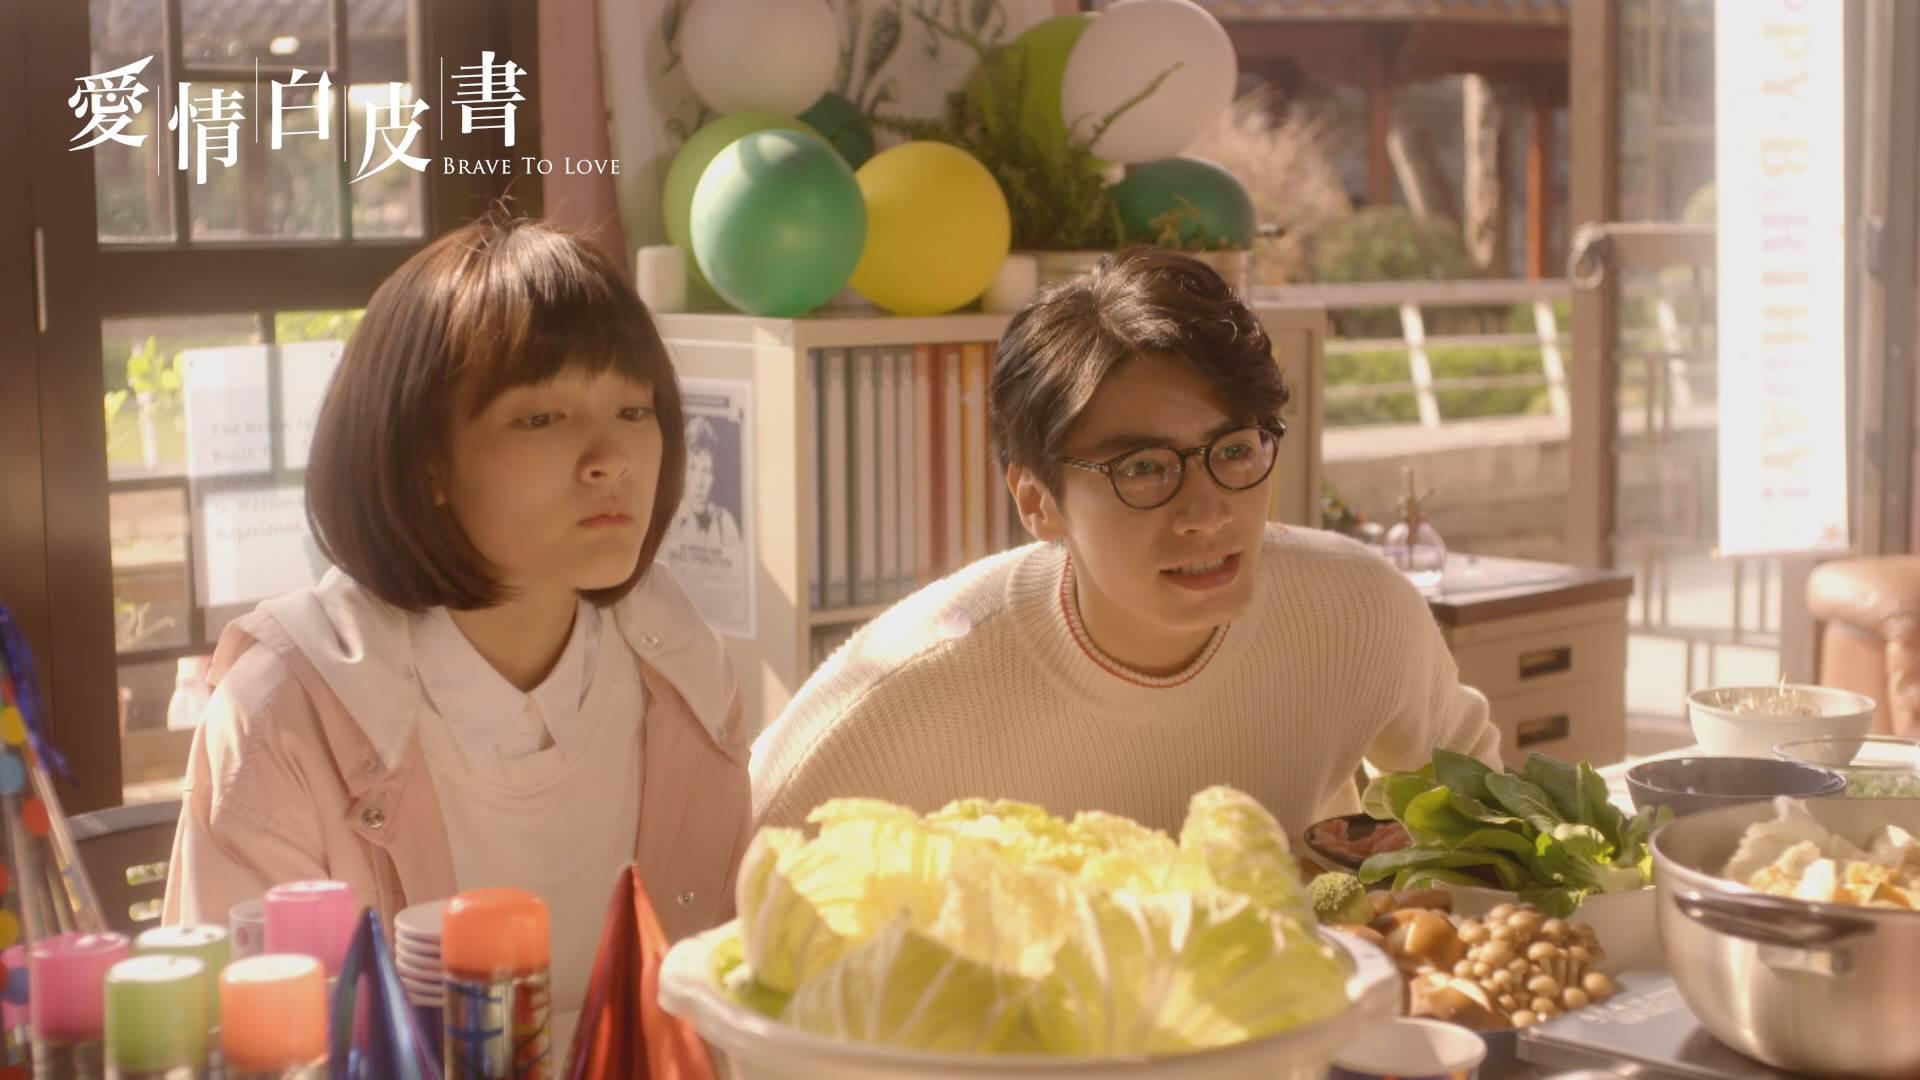 跟著偶像劇品嚐青春!精選校園三大風格餐廳 店裡店外簡直不同世界啊~